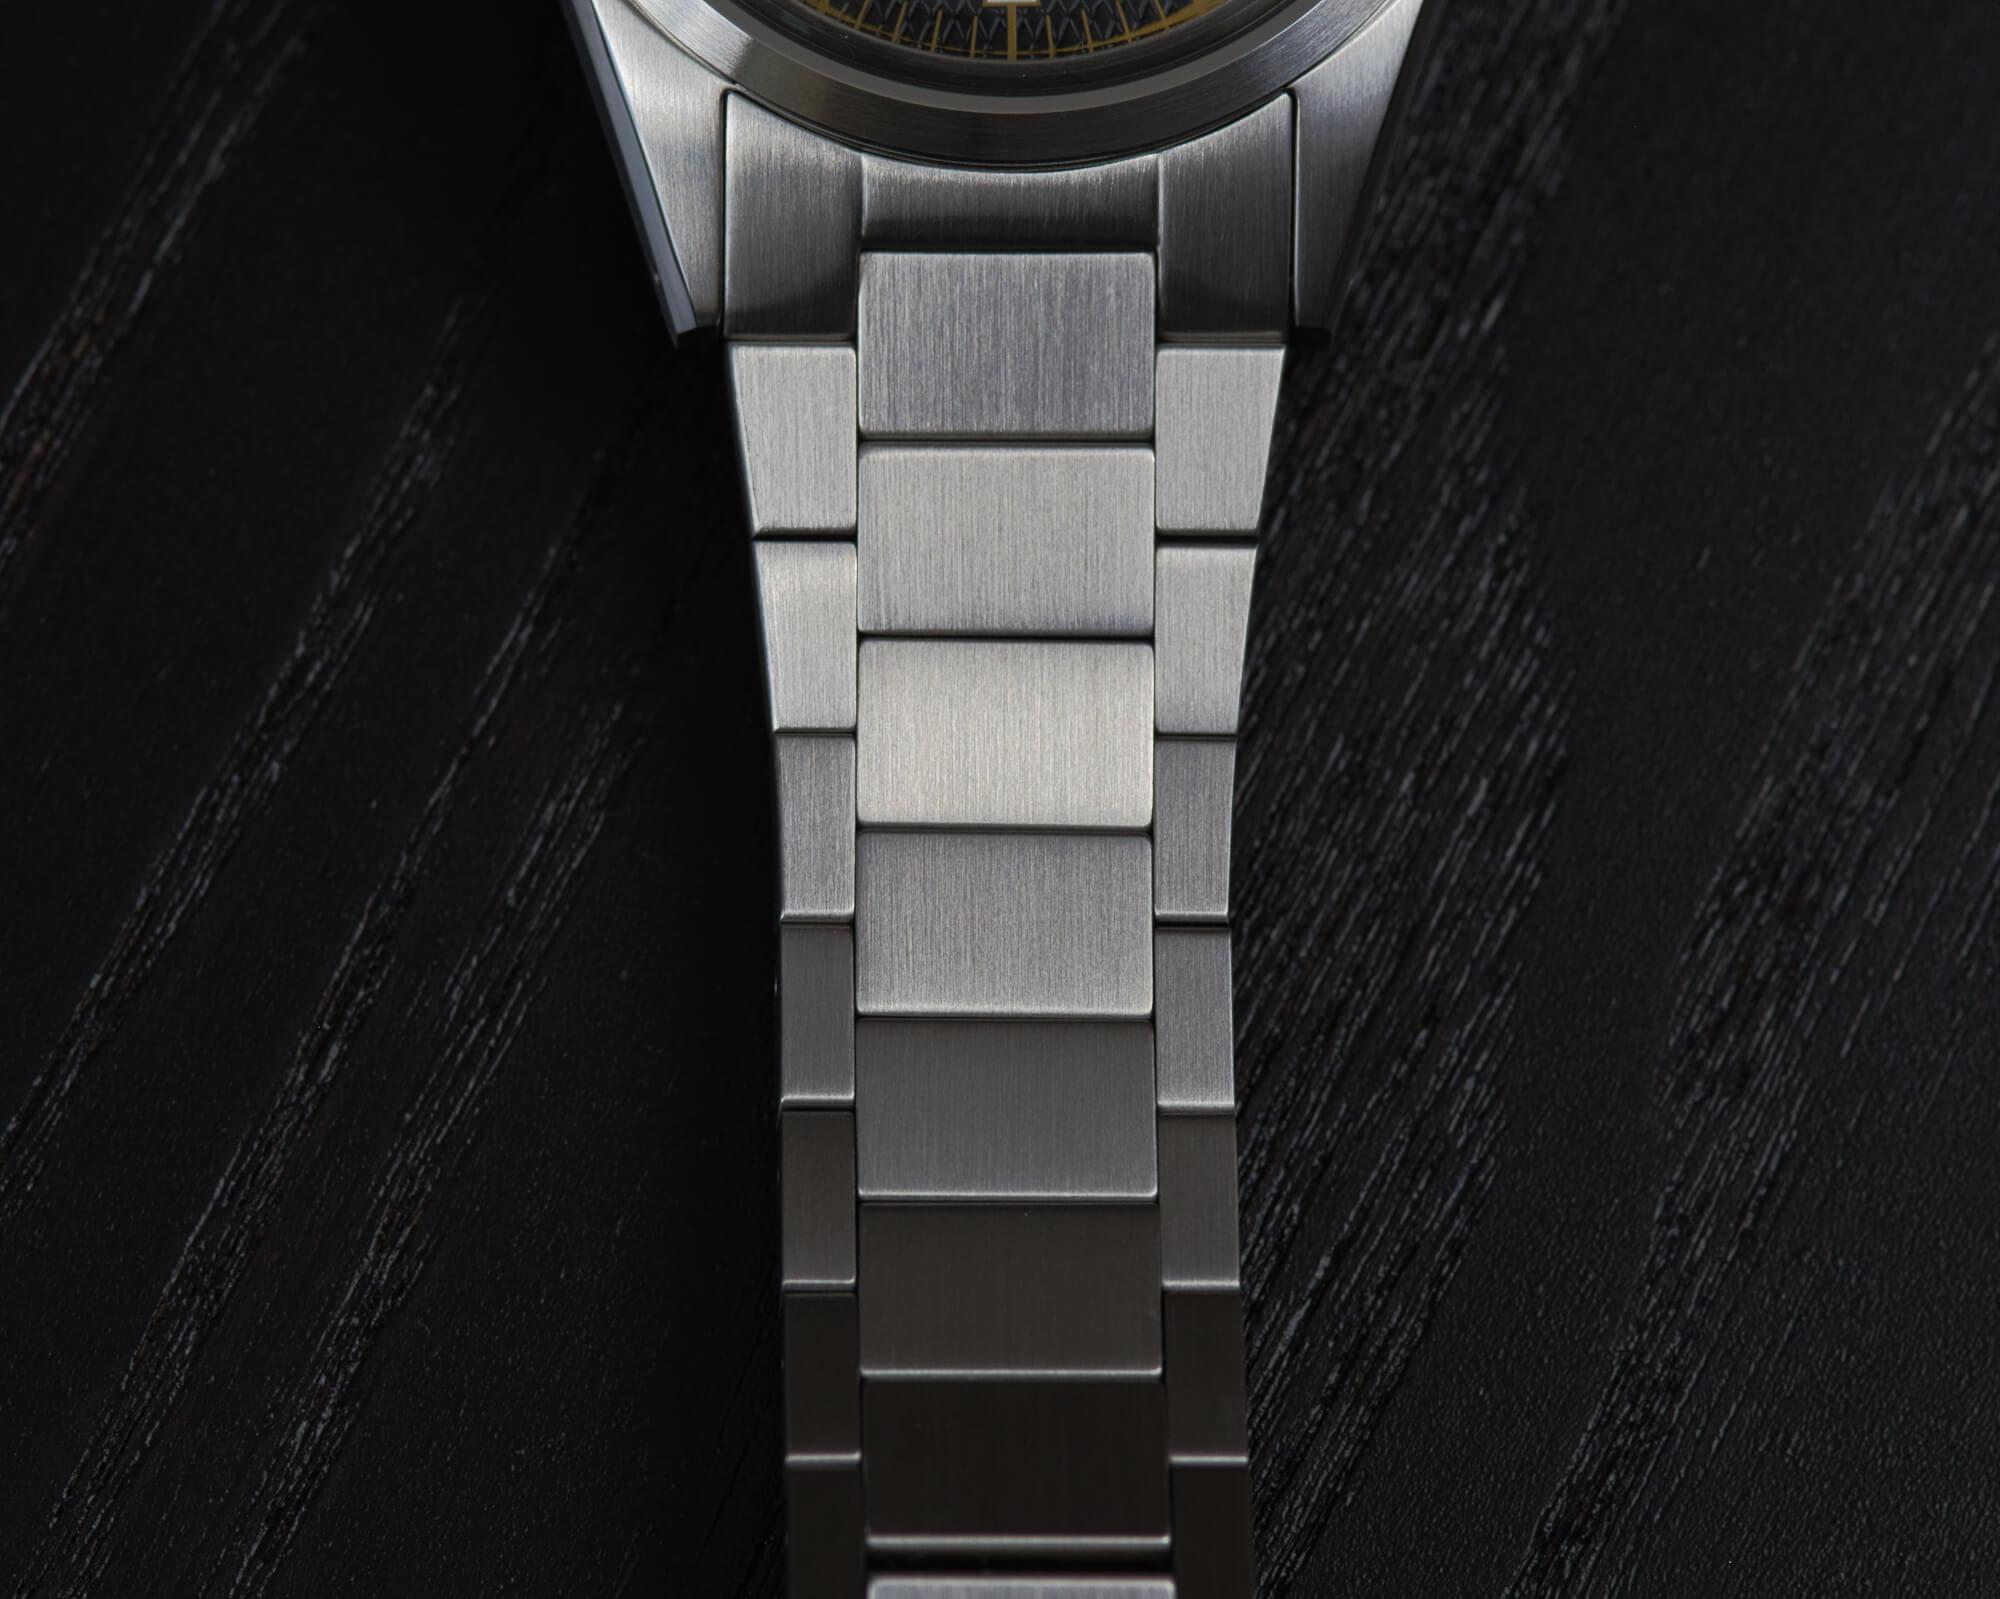 lorier-falcon-series-ii-10